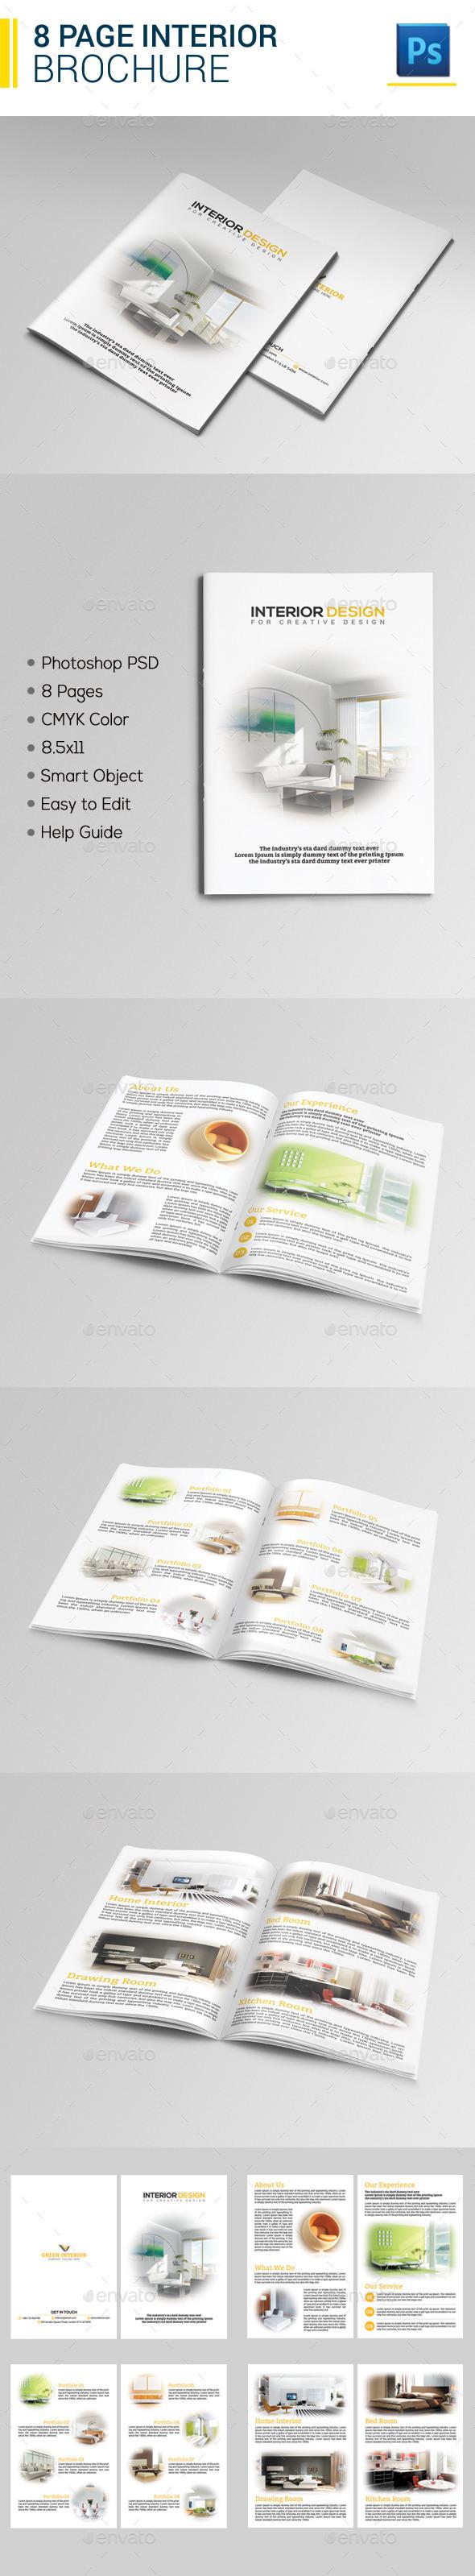 8 Page Interior Brochure - Catalogs Brochures